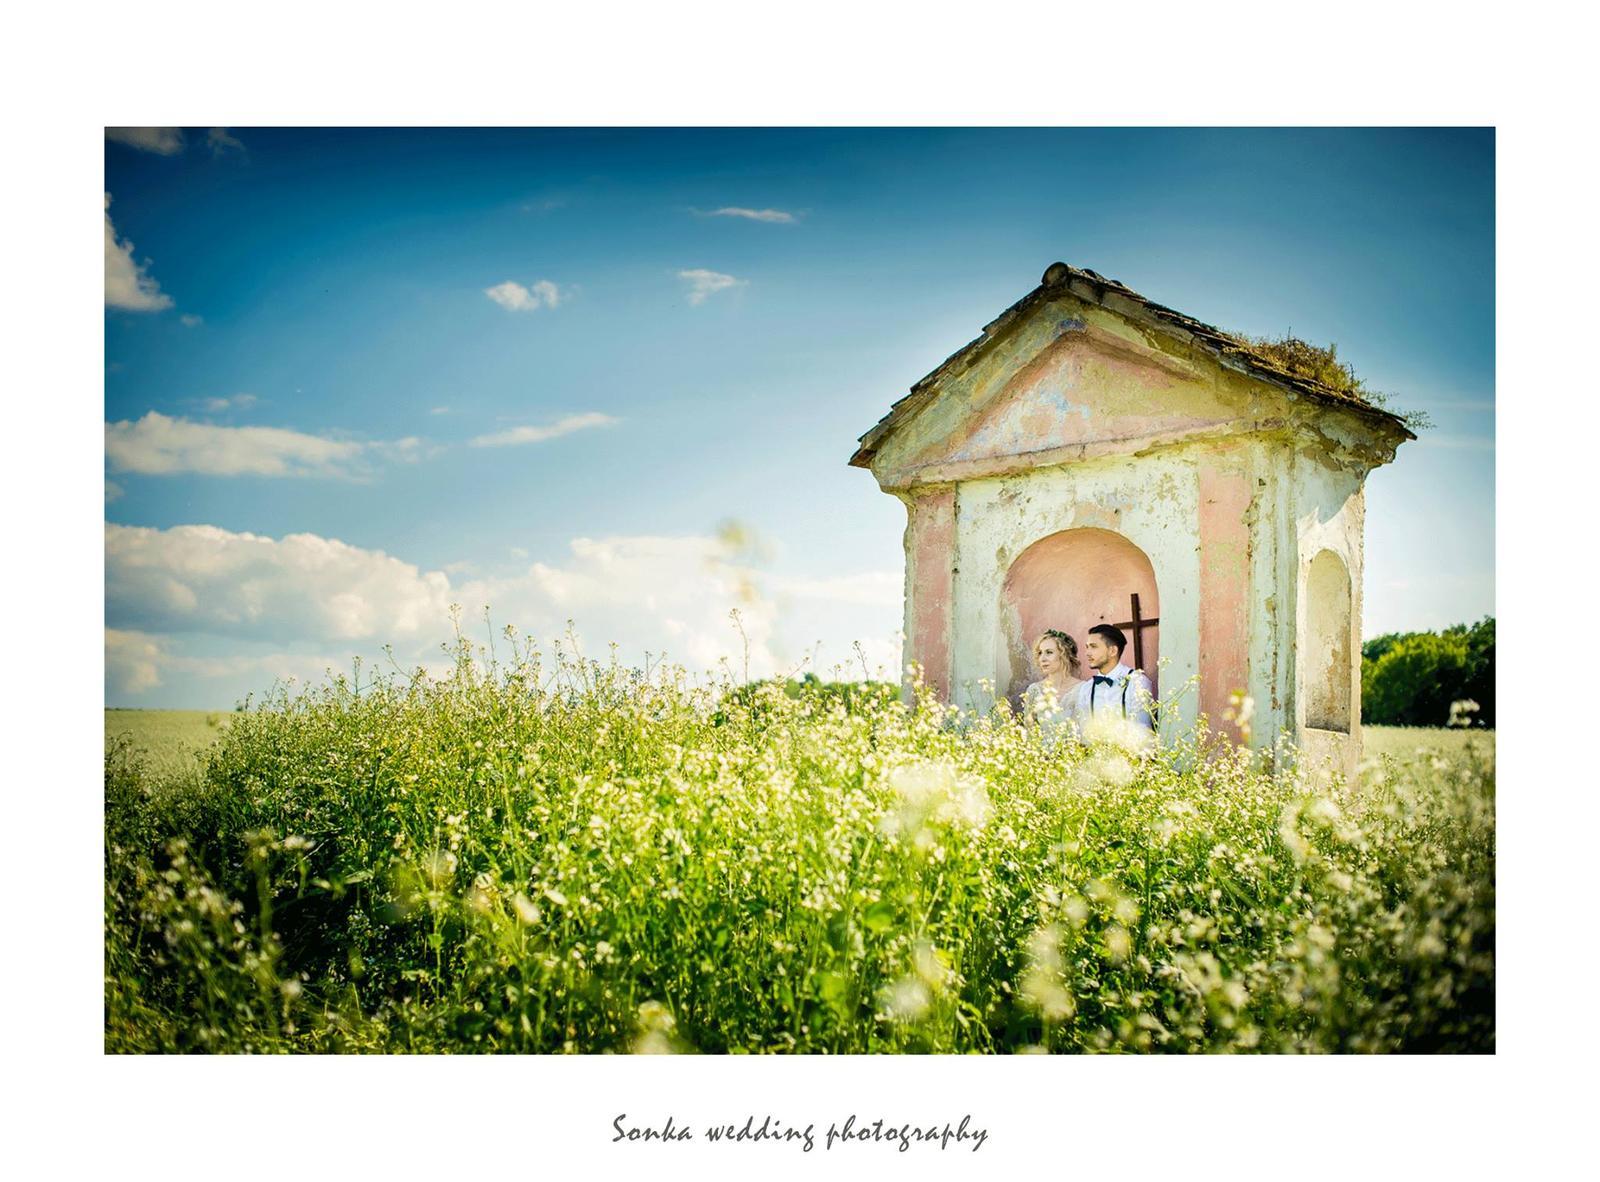 Wedding photography - Obrázek č. 14